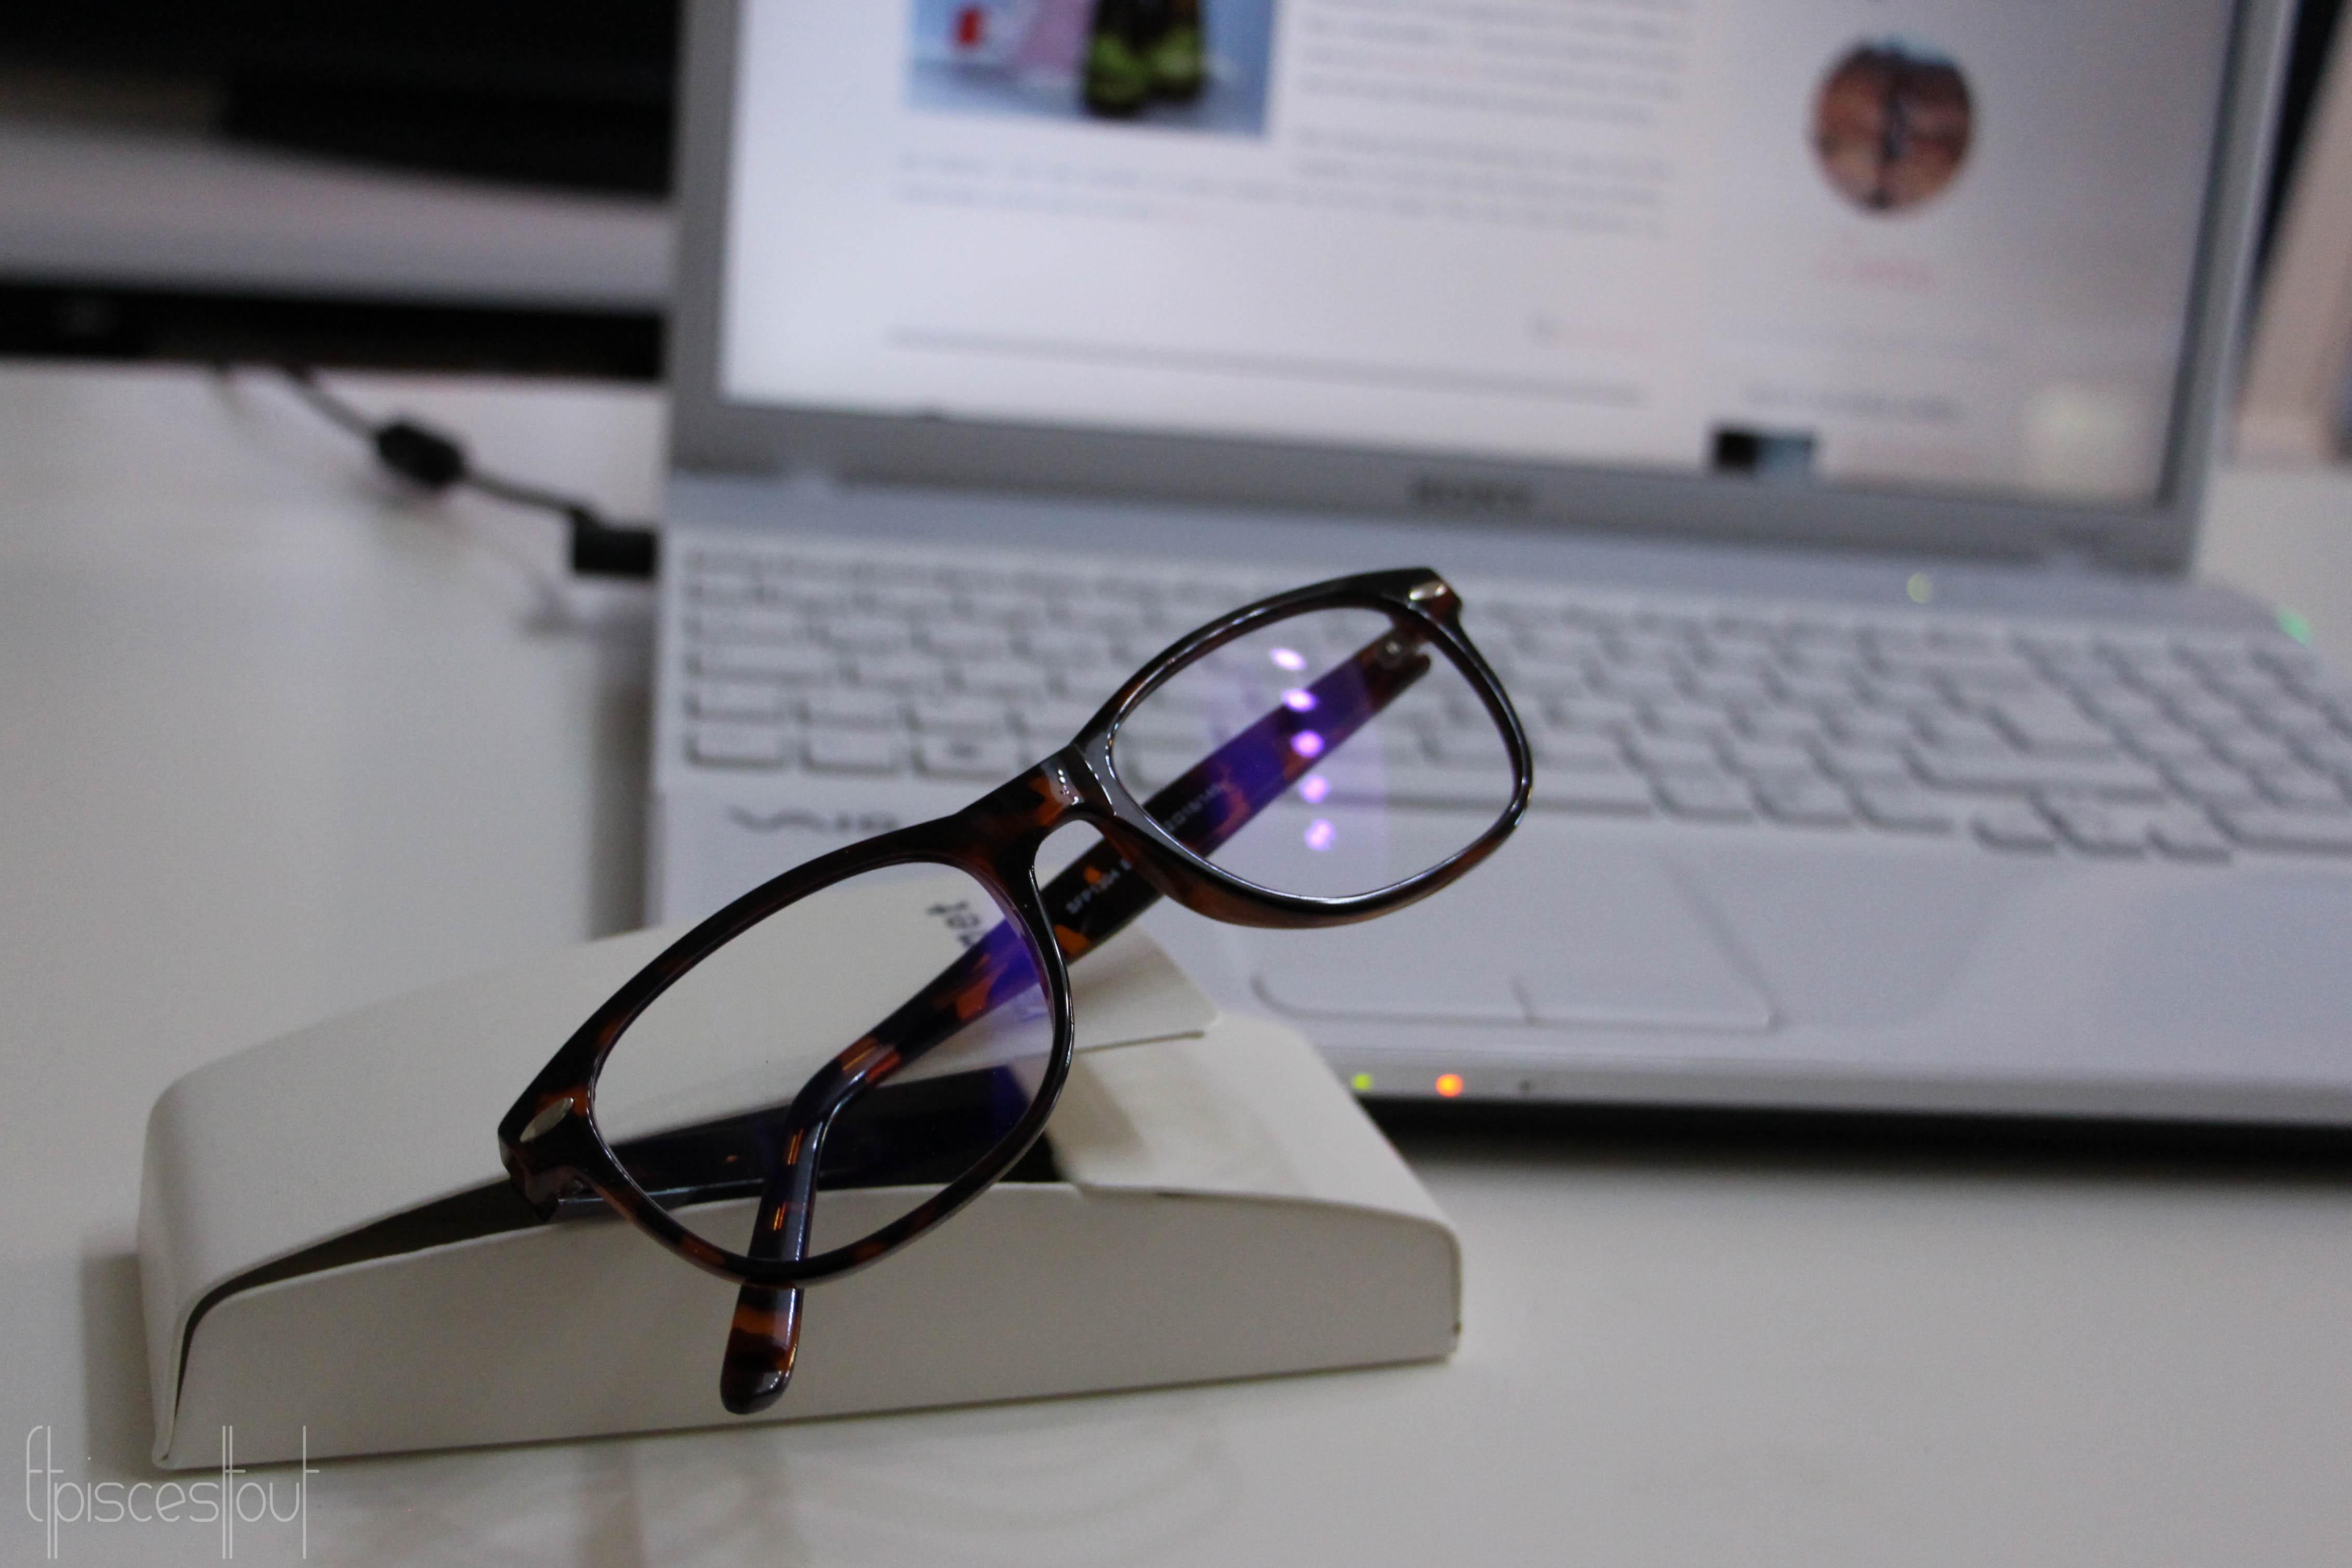 varionet des lunettes anti fatigue pour user et abuser. Black Bedroom Furniture Sets. Home Design Ideas